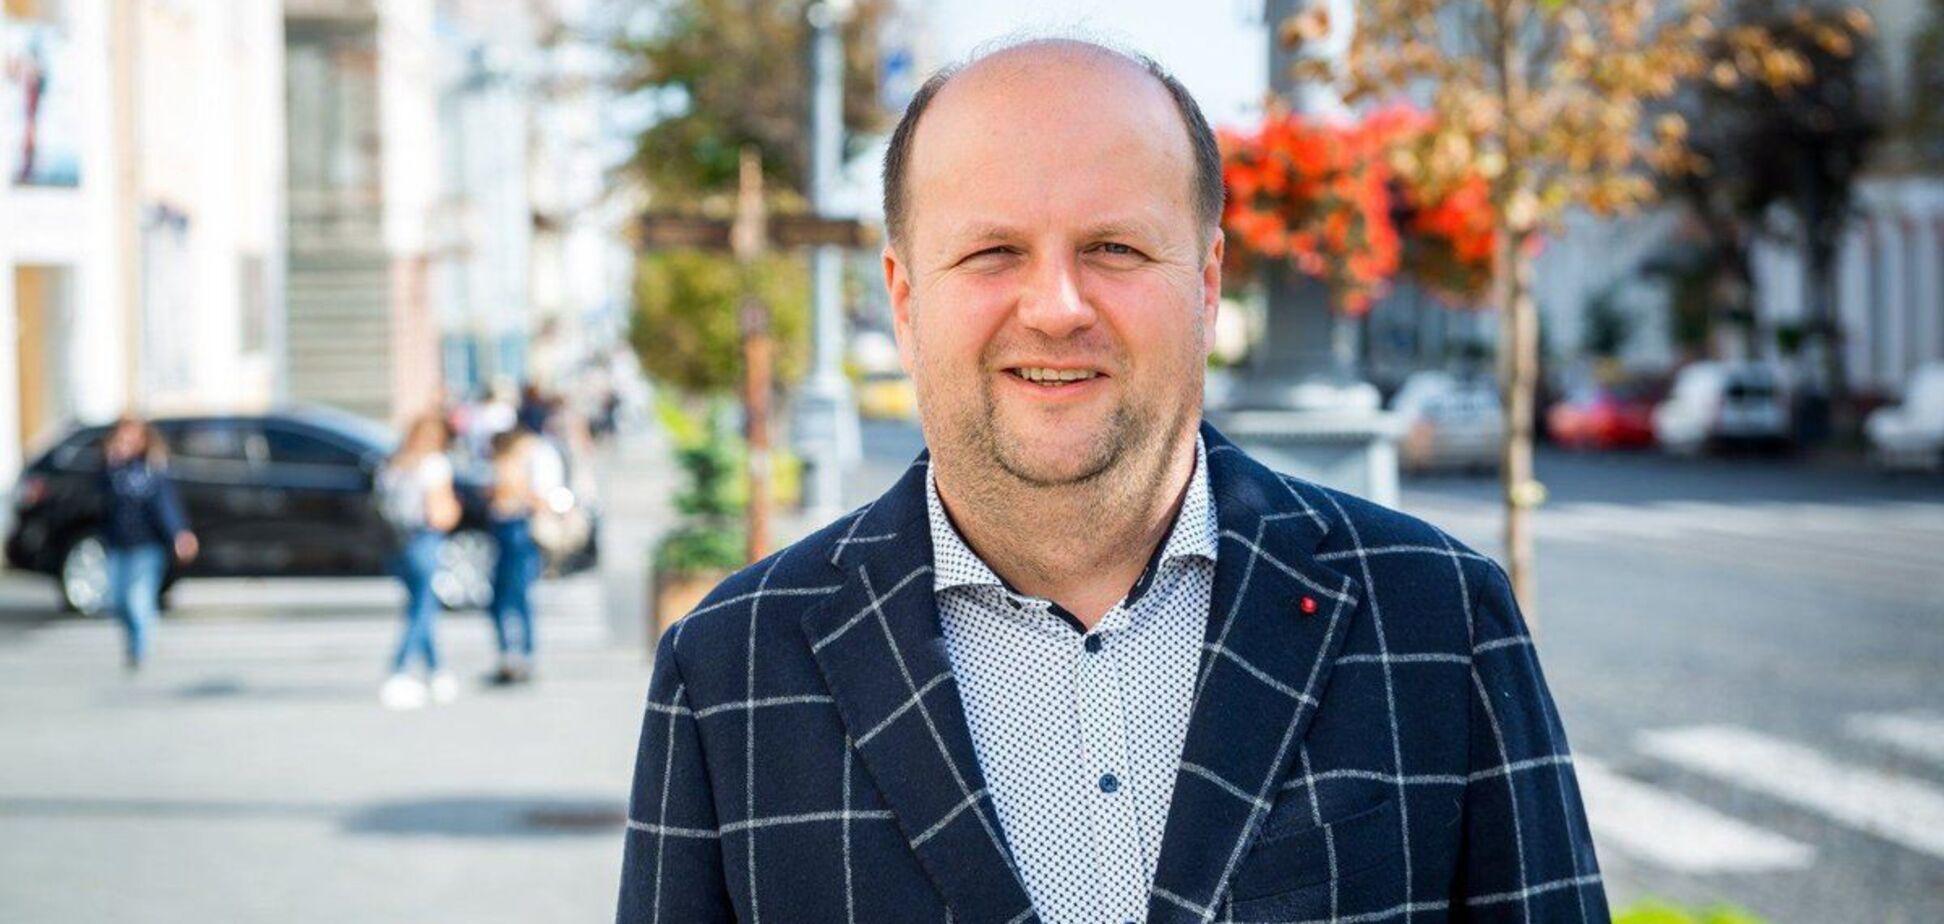 Лідер гурту 'ТІК' Віктор Бронюк зібрався в політику